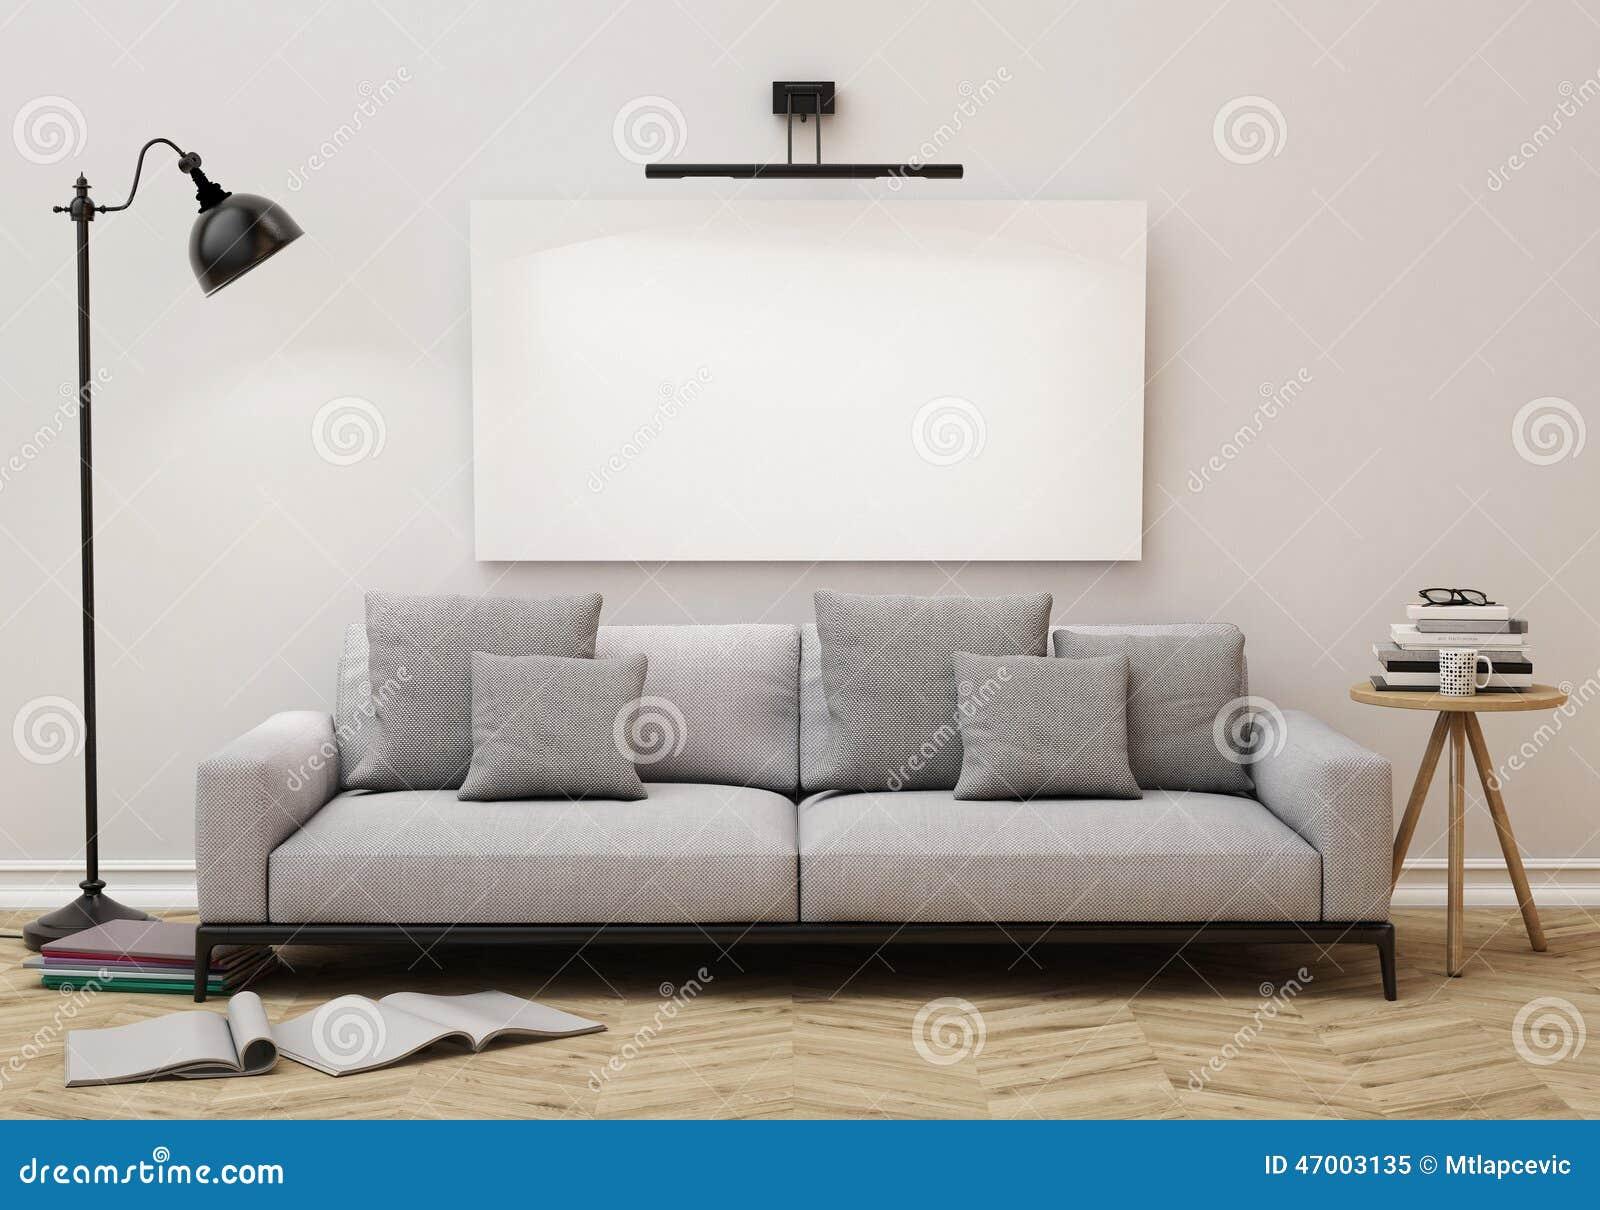 Förlöjliga upp den tomma affischen på väggen av vardagsrum, bakgrund